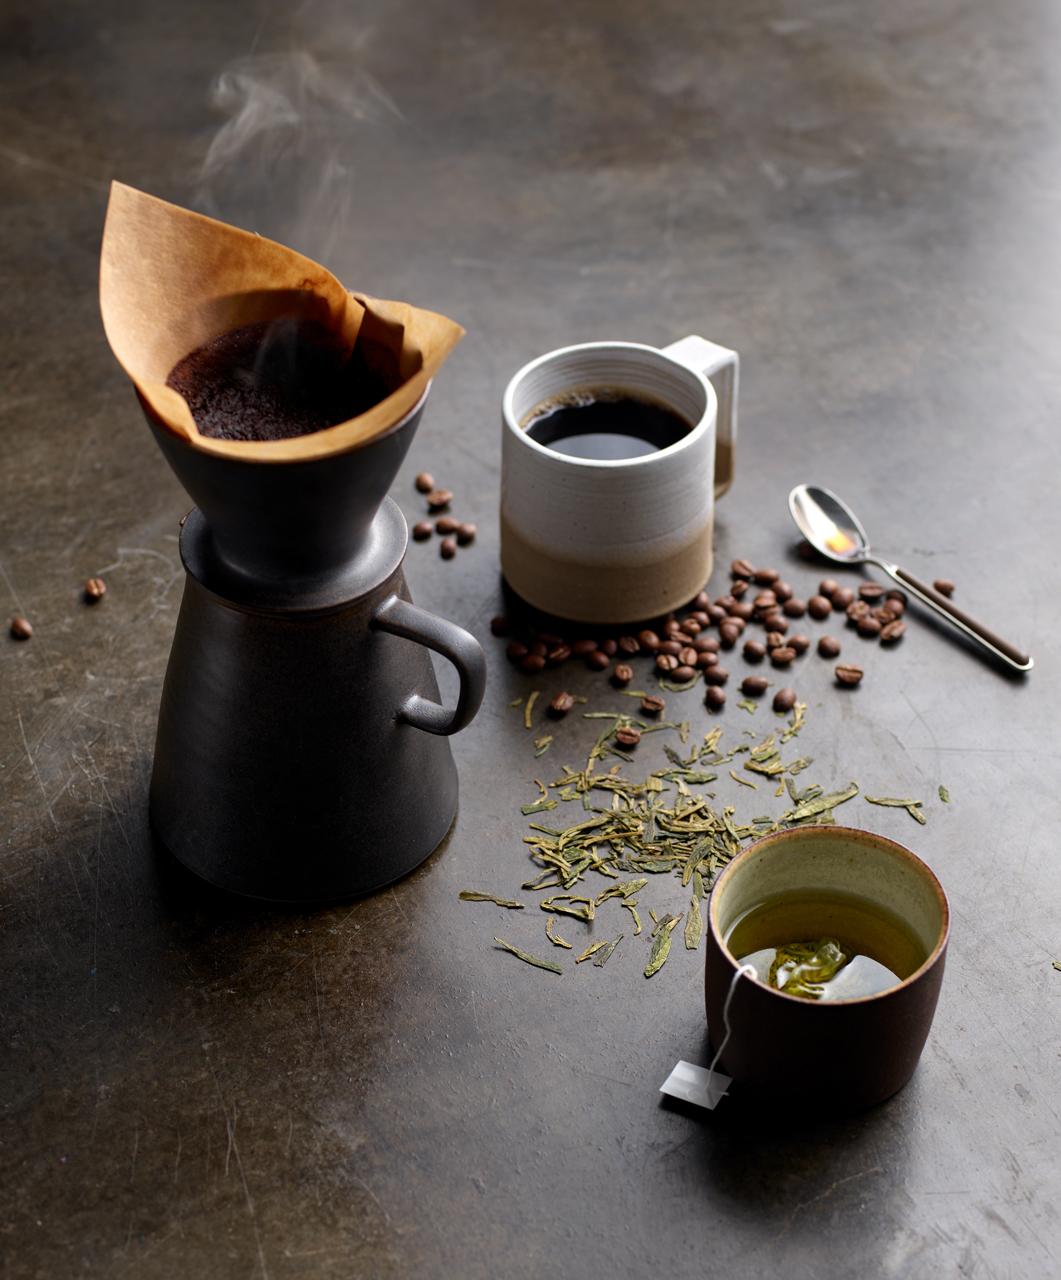 Ingredients_Caffeine-317-v2_final.jpg